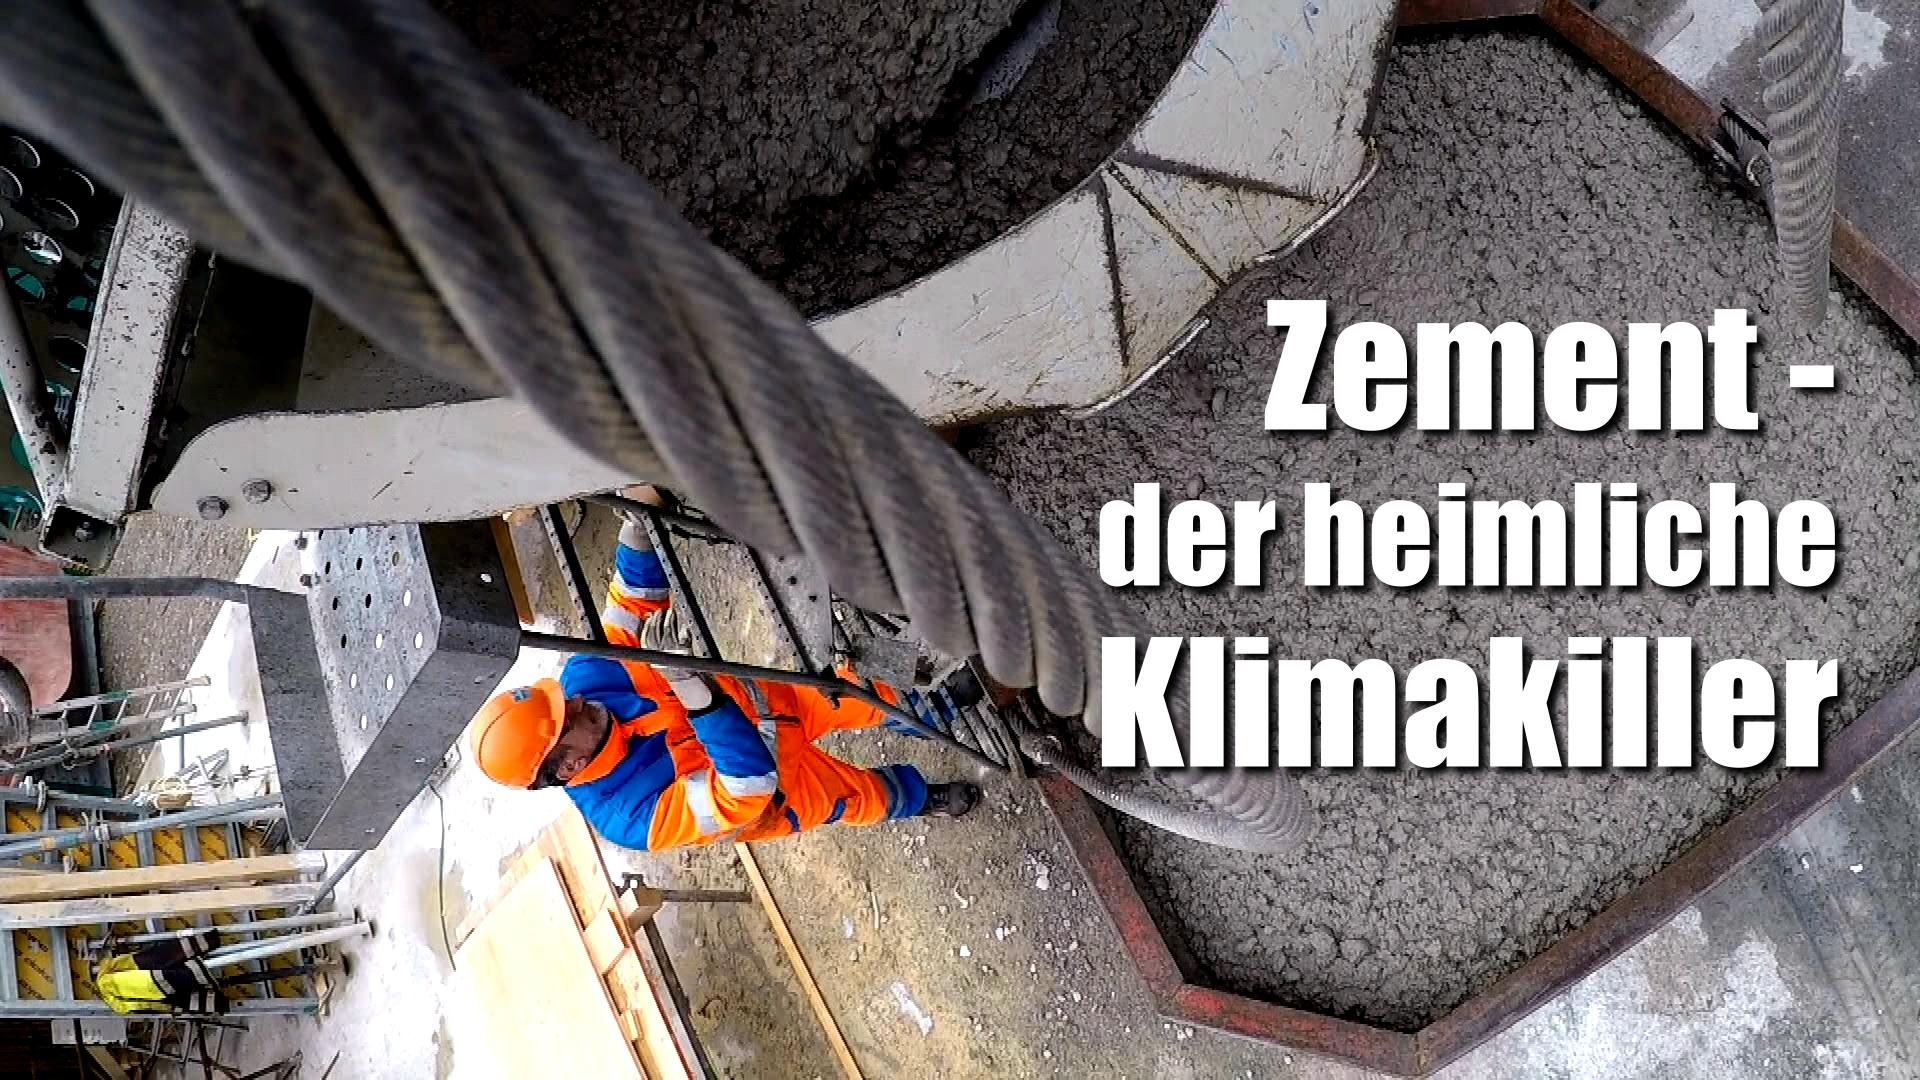 Zement – der heimliche Klimakiller